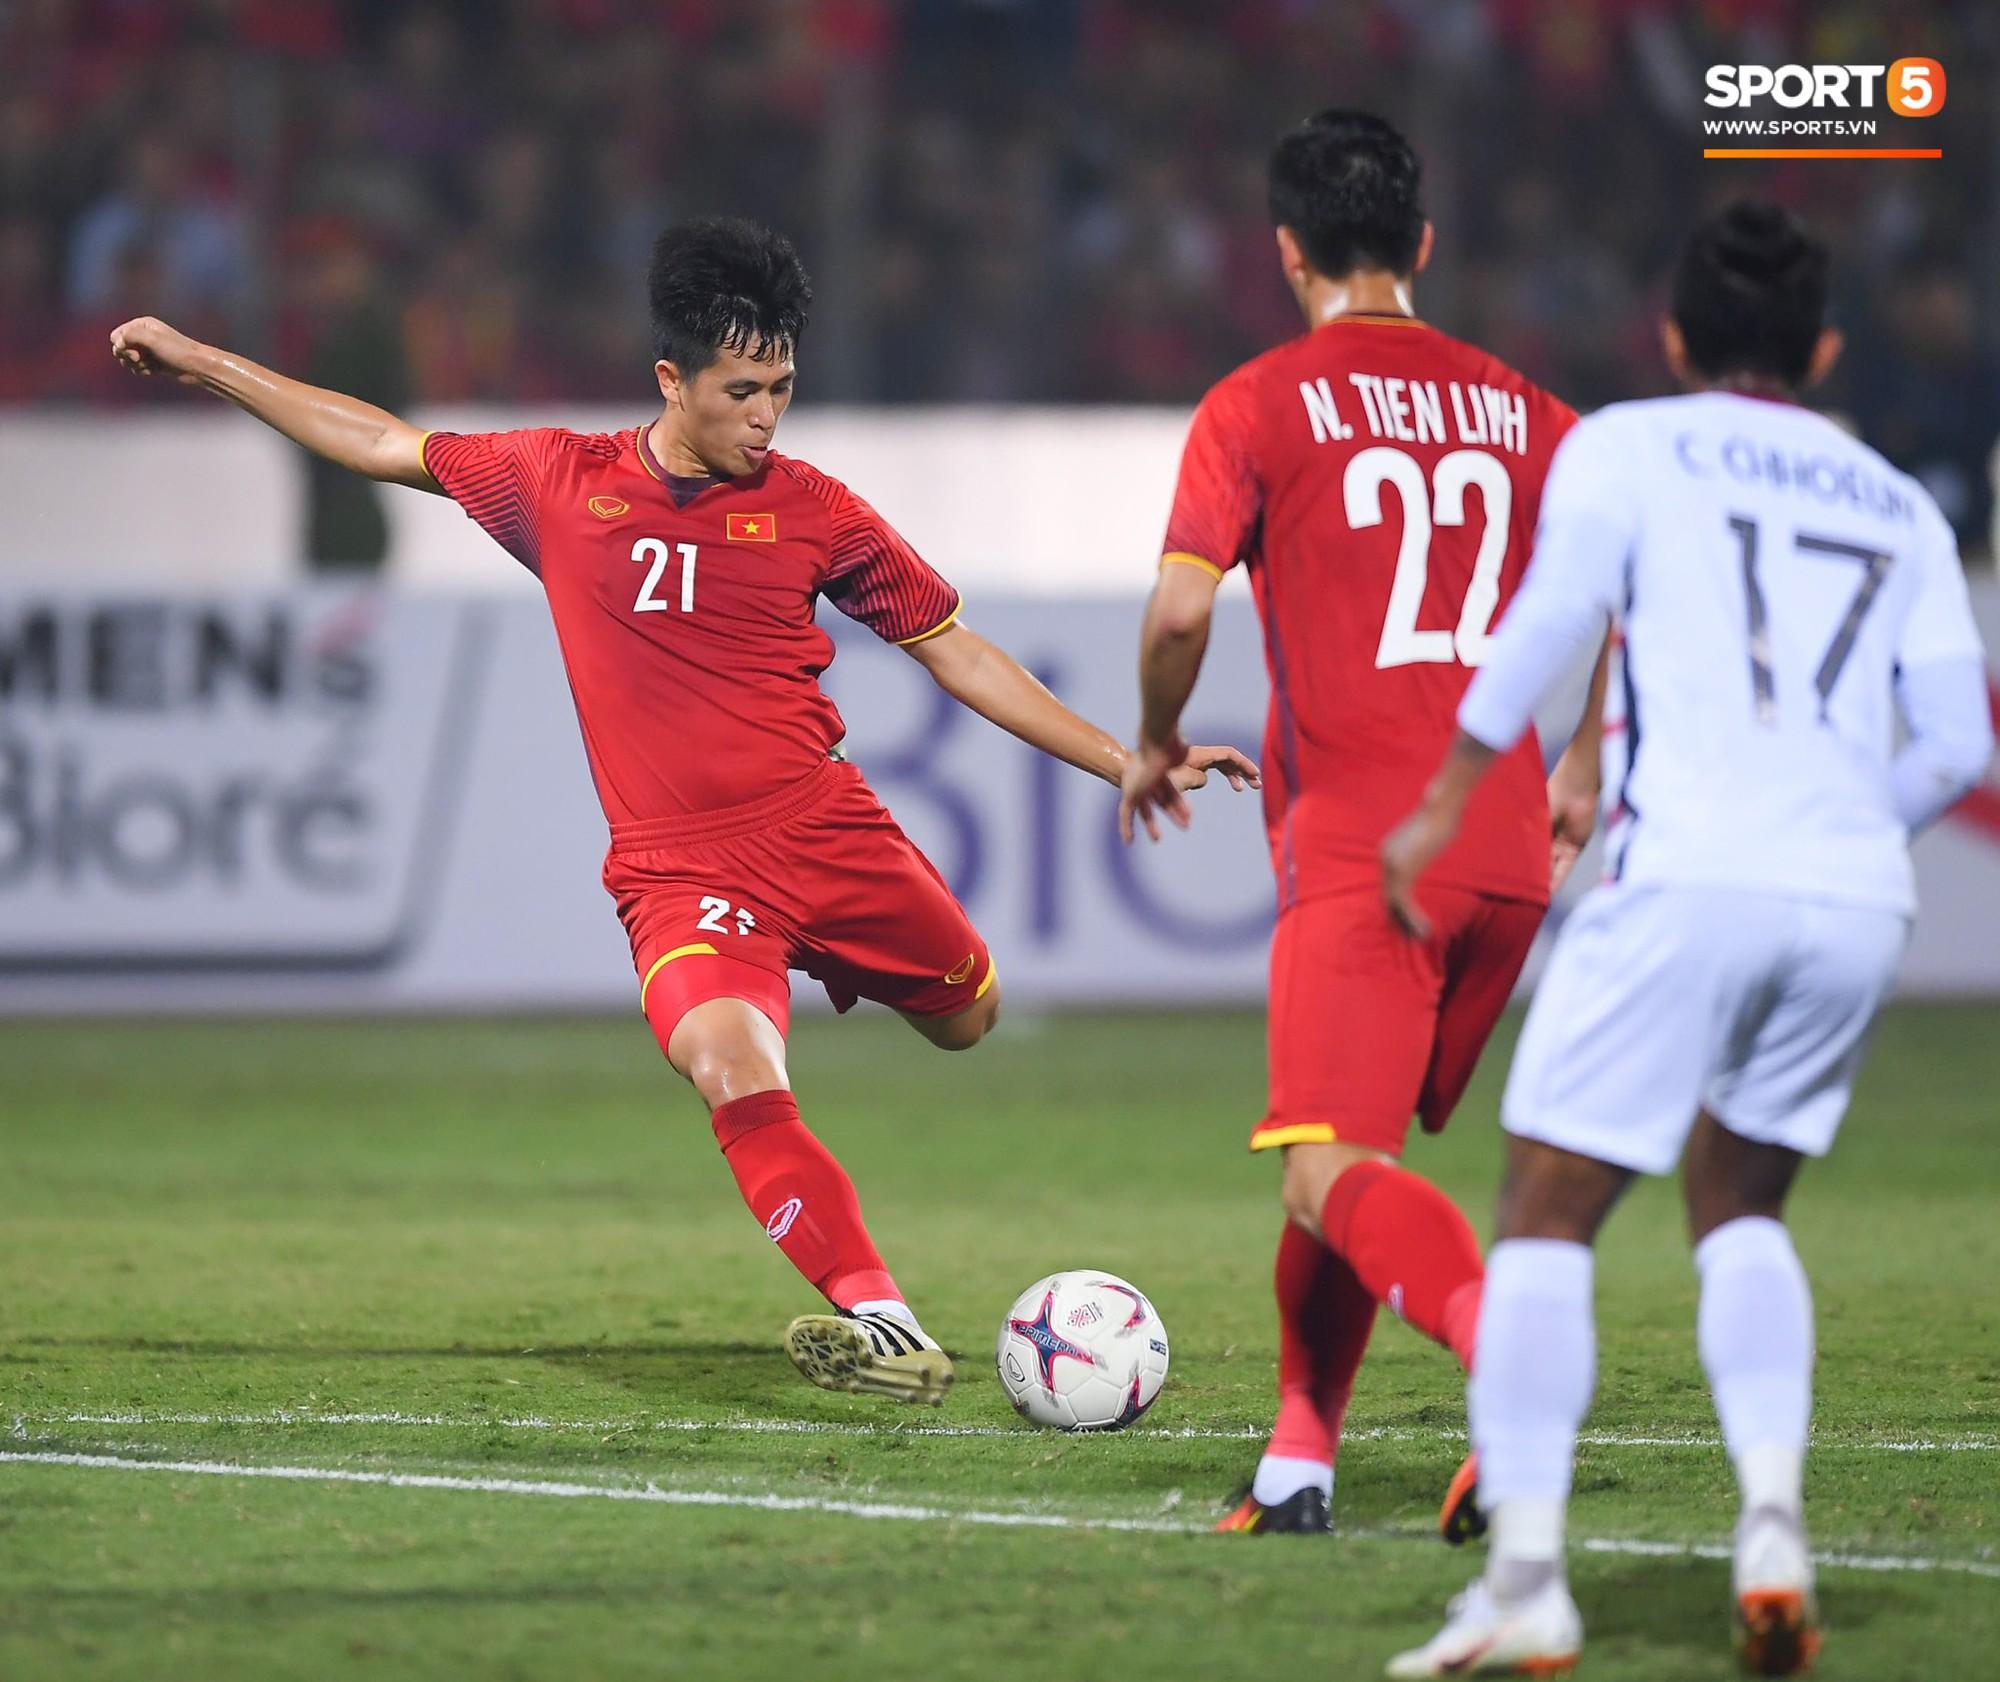 Gặp anh chàng sơ vin Đình Trọng sau AFF Cup: Điều buồn nhất là sẽ phải xa bóng đá rất lâu-2